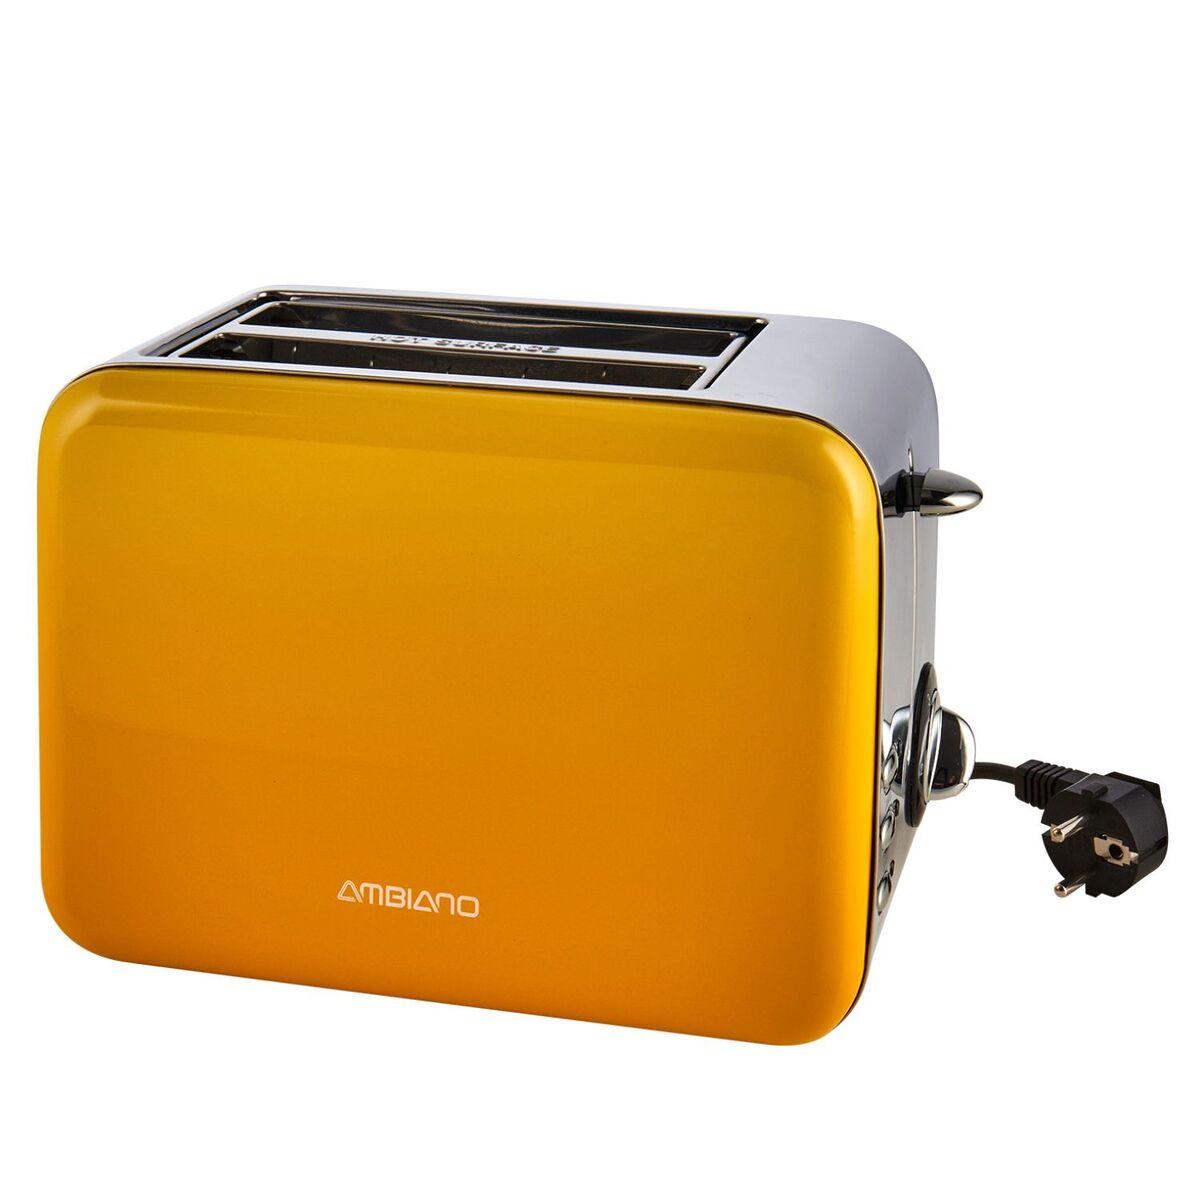 Bild 5 von AMBIANO Edelstahl-Toaster